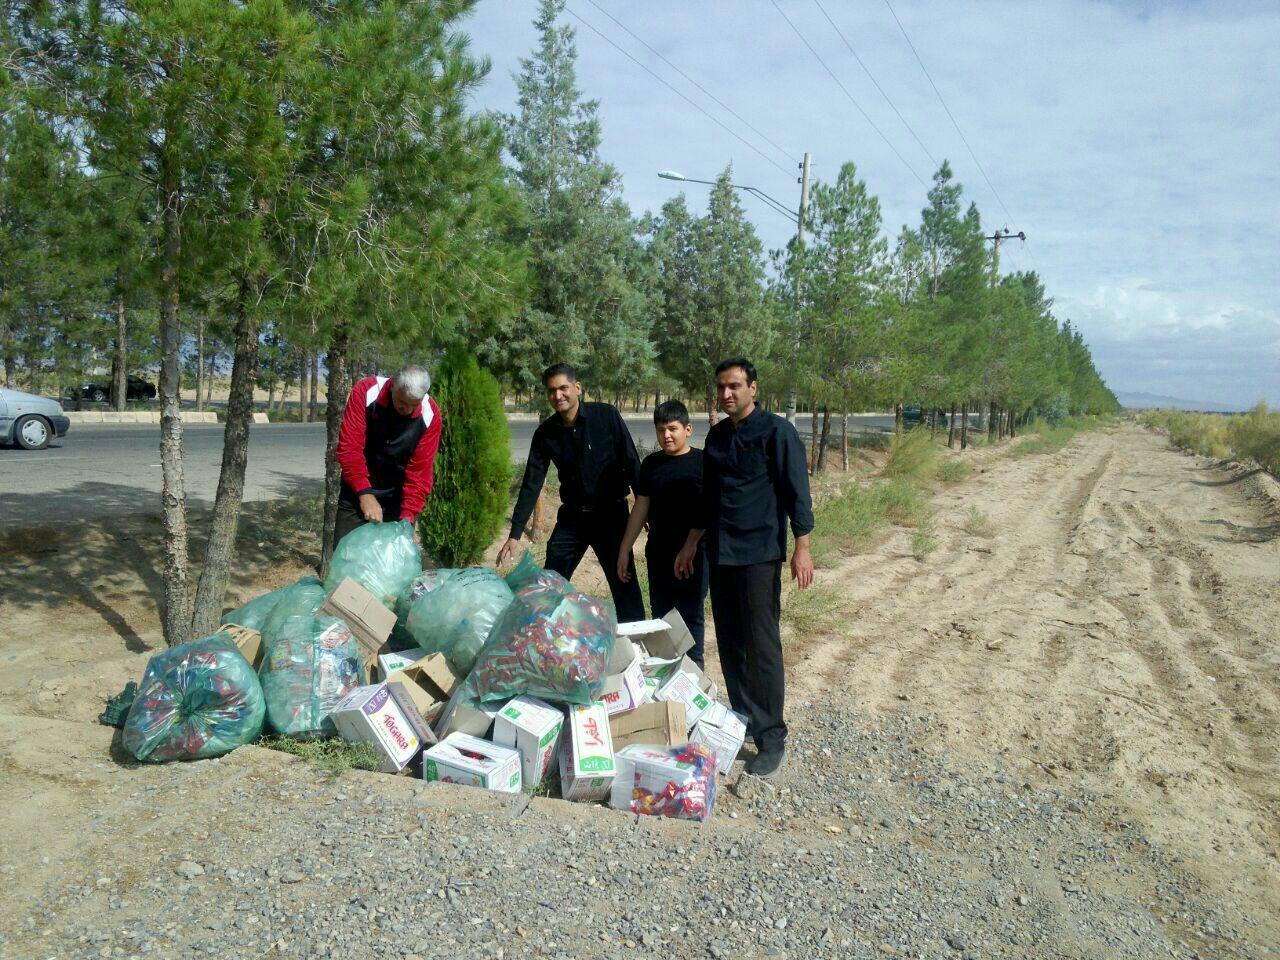 قرار سبز در شهر بادرود استان اصفهان